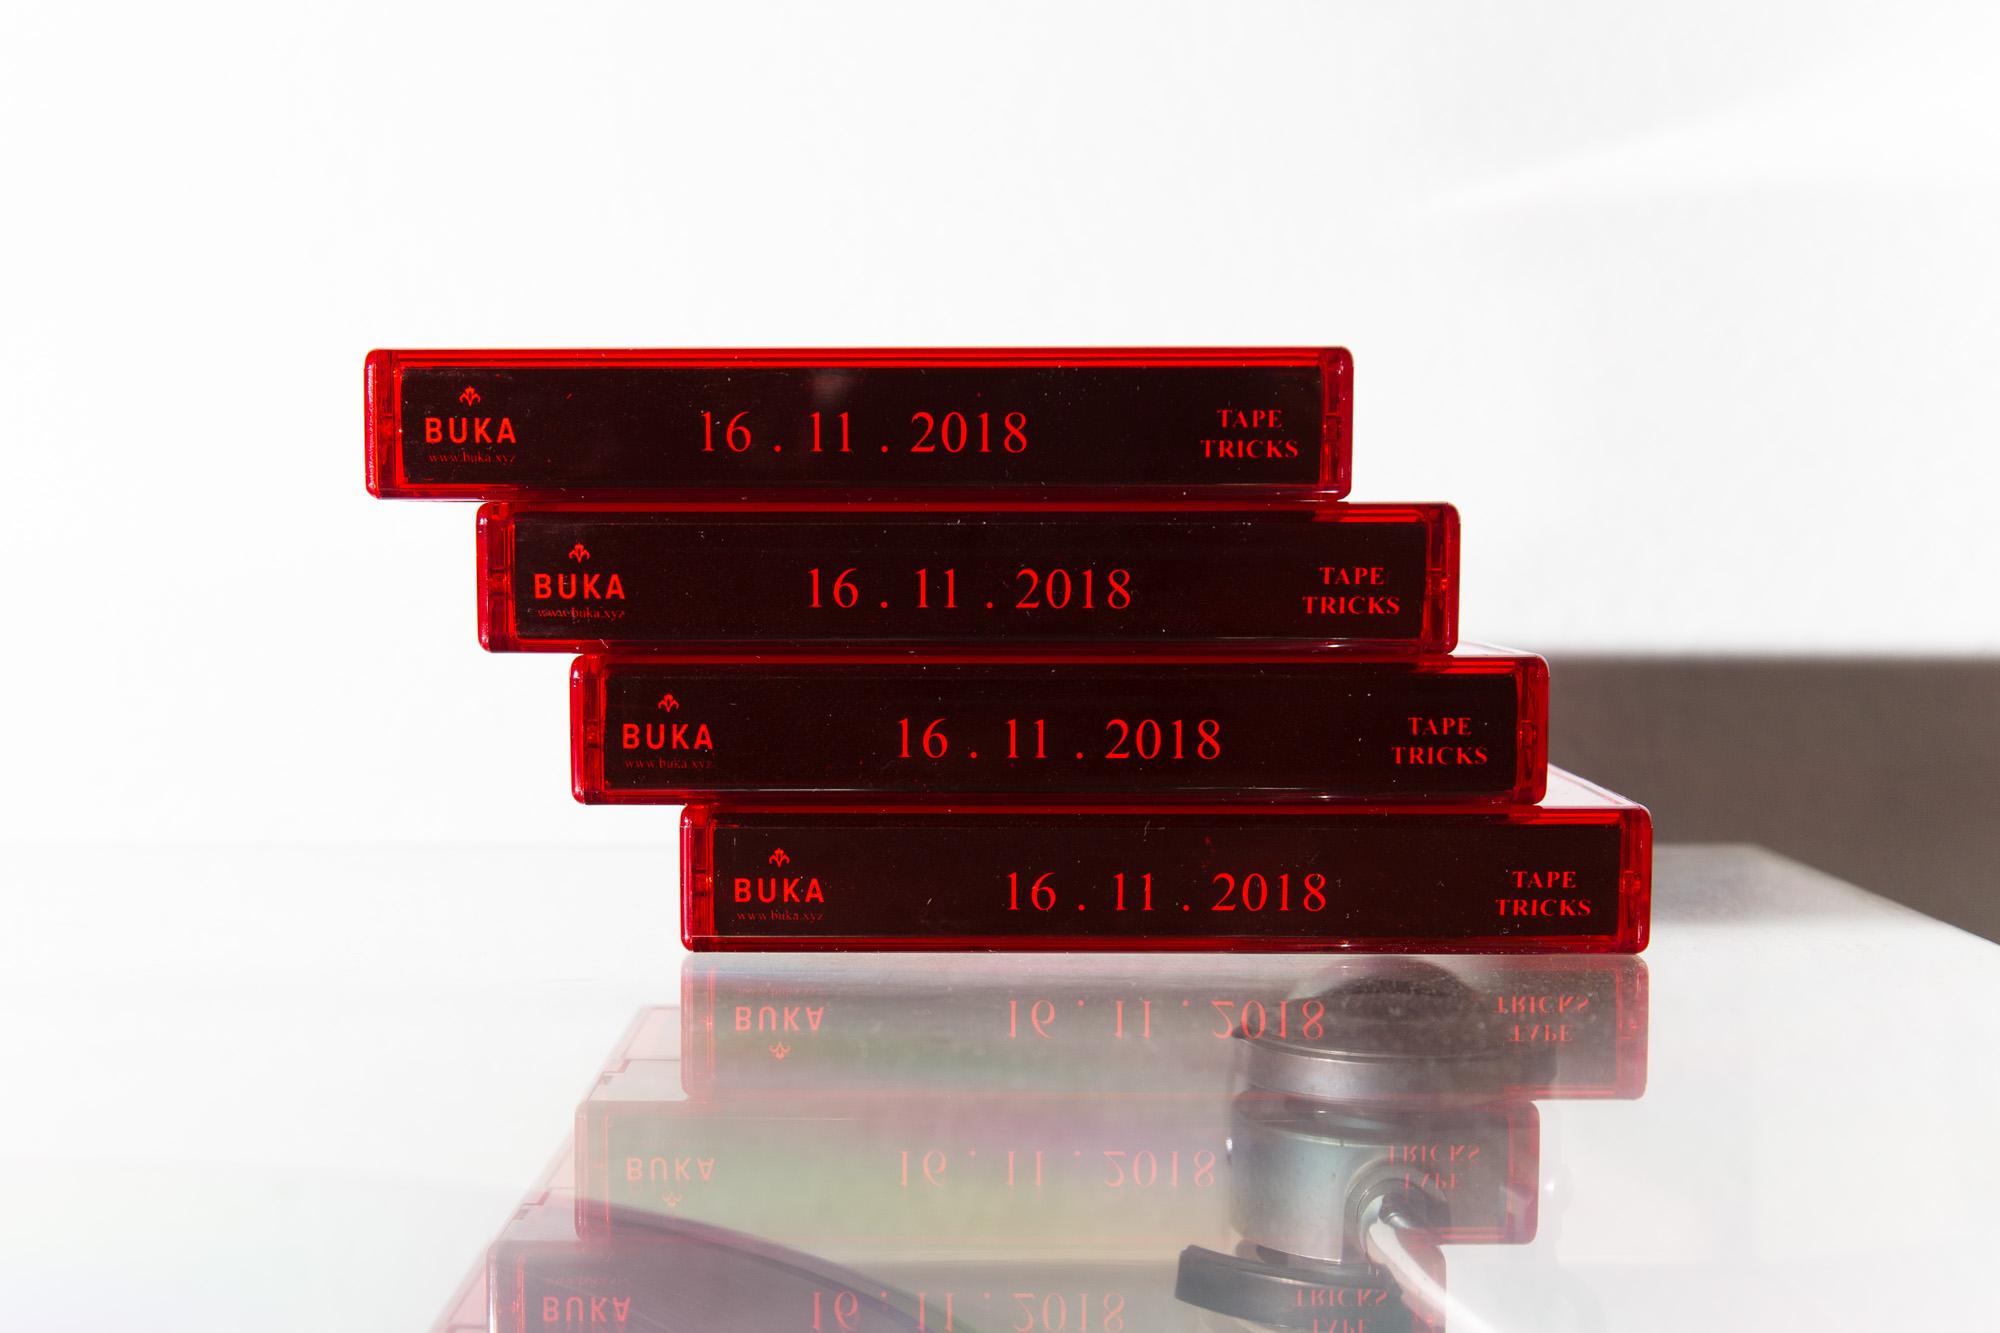 buka-tape-tricks-002-4.jpg